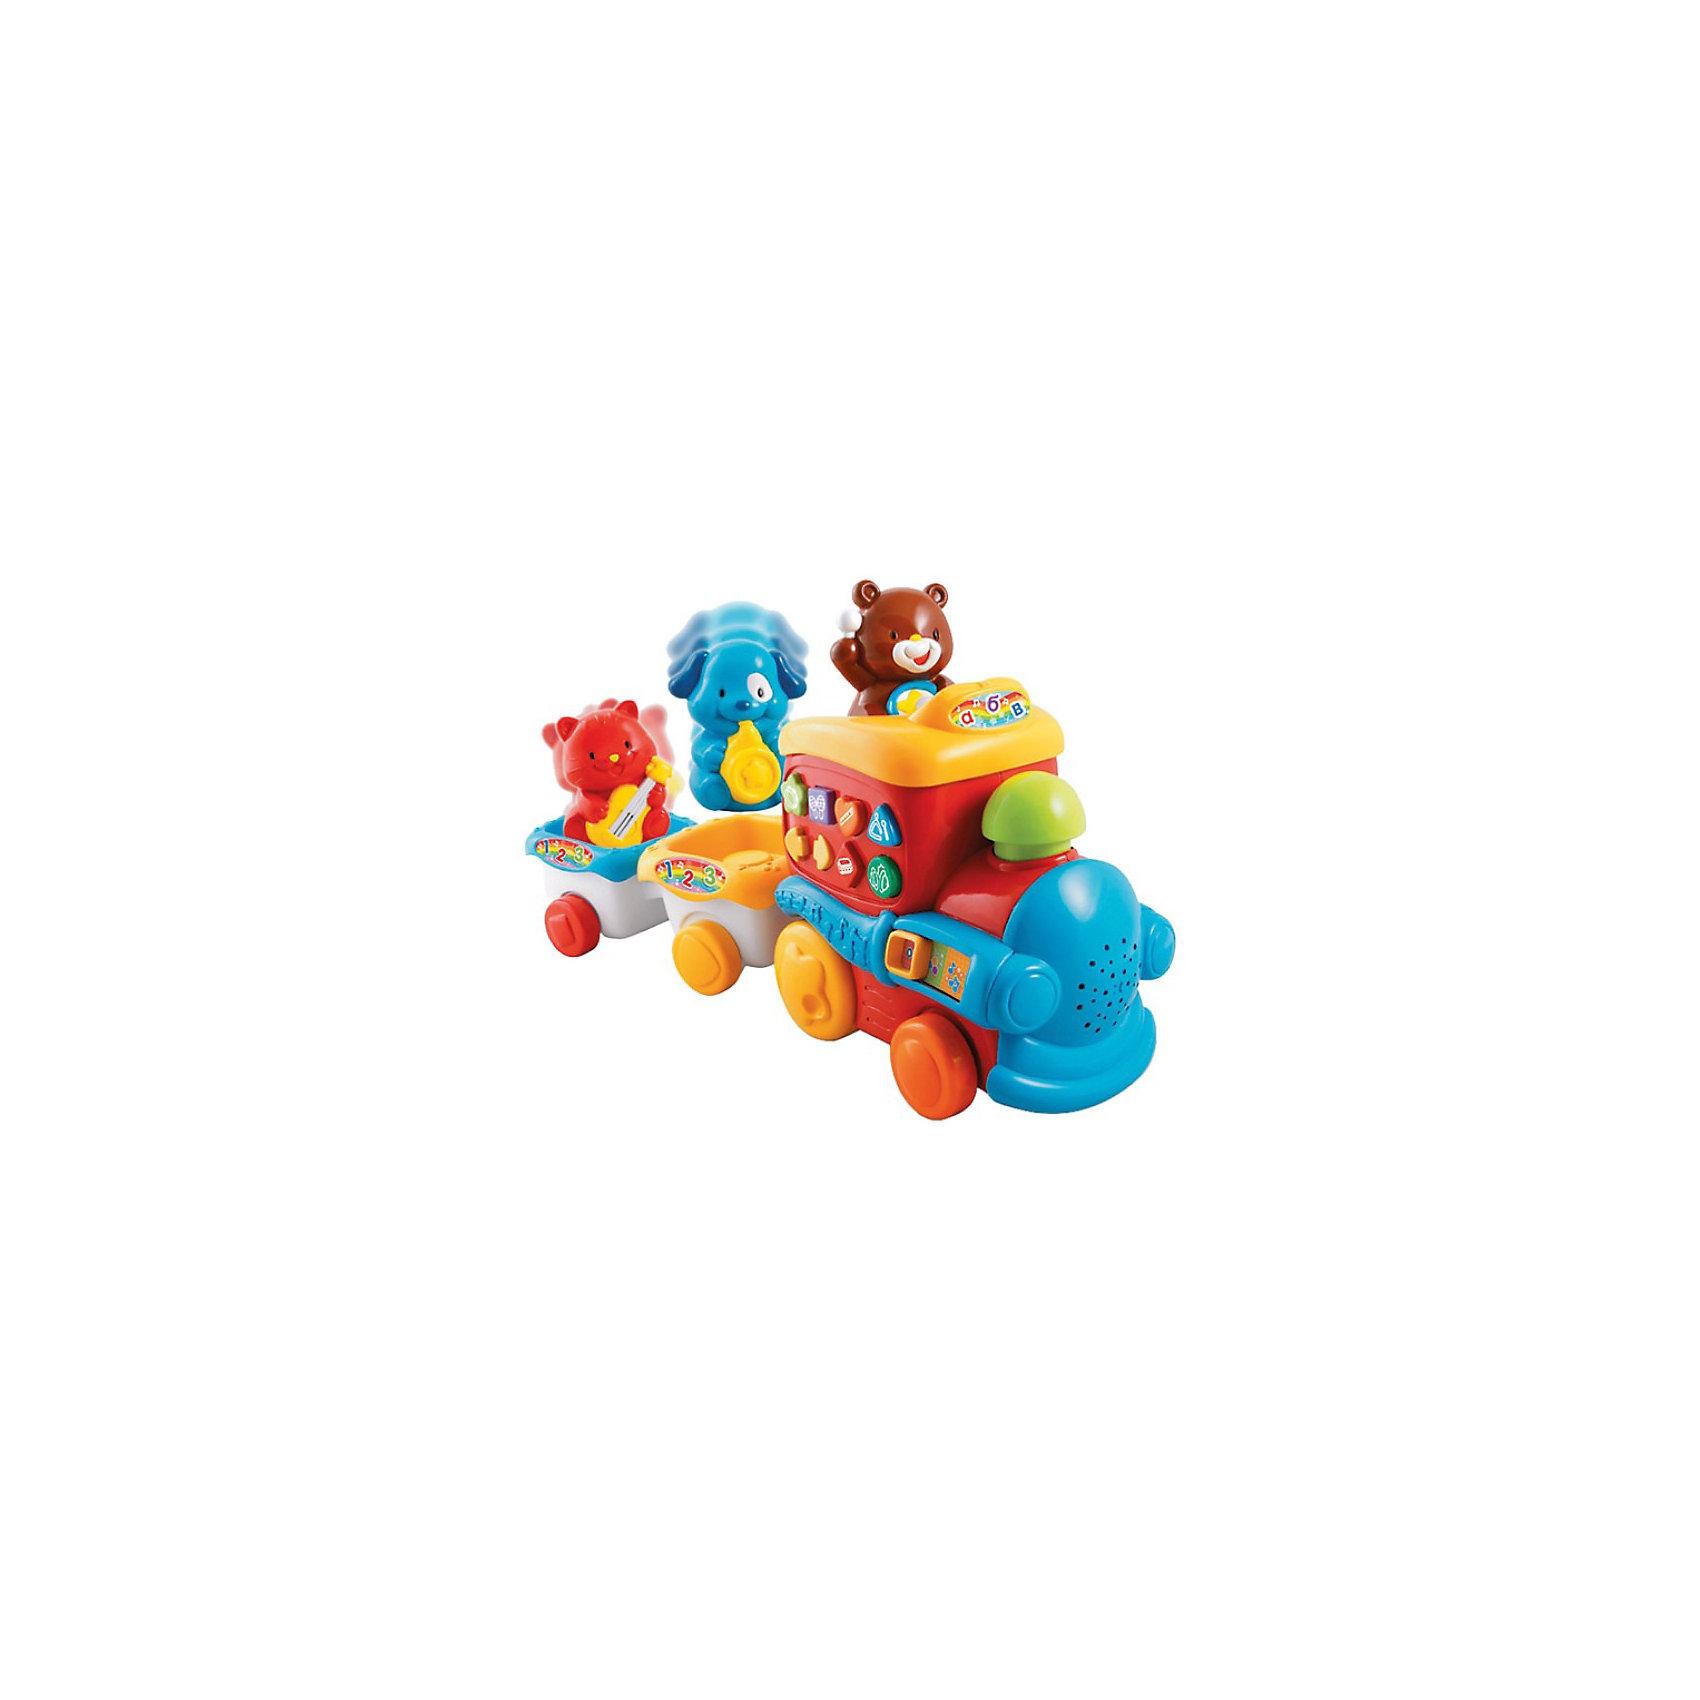 Музыкальный поезд, VtechИнтерактивные игрушки для малышей<br>Музыкальный поезд, Vtech (Втеч).<br><br>Характеристики:<br><br>• Для детей от 6 месяцев<br>• Комплектация: поезд, 2 вагончика, 3 фигурки животных<br>• Материал: пластик<br>• Размер:. 43х19х11 см.<br>• Батарейки: 2 типа АА (в комплекте демонстрационные)<br>• Упаковка: красочная подарочная коробка<br>• Размер упаковки: 46 х 27,5 х 14,5 см.<br><br>Красочный музыкальный поезд от французской компании Vtech – великолепная развивающая игрушка 2 в 1, которая работает в двух режимах обучающем и музыкальном. Яркий разноцветный поезд подарит малышу множество веселых минут и обучит новым знаниям. Поезд состоит из тепловоза и 2-х вагончиков, в которых сидят котенок с гитарой, собачка с саксофоном и мишка с барабаном. <br><br>При движении поезда, фигурки животных танцуют под веселую музыку, труба паровозика светится, а сам поезд еще и гудит! Фигурки животных можно менять местами. Если машинистом будет котенок, то малыш послушает, как играет гитара. Если место машиниста займет медвежонок, то ребенок узнает, как звучит барабан. А машинист собачка сыграет джаз на саксофоне. Фигурки животных можно снять и играть с ними отдельно. На паровозике расположено 6 кнопочек в виде различных геометрических фигур с нарисованными музыкальными инструментами и переключатель режимов. <br><br>Играя в музыкальный паровозик, ваш малыш познакомится с направлением вперед-назад, названиями геометрических фигур, видами музыкальных инструментов и их звучанием, а также послушает песенку из мультфильма. Когда малыш немного подрастет, он сможет катать игрушку за веревочку. Верёвочка хранится в специальном отсеке. Предусмотрен таймер автоматического отключения. Игрушка изготовлена из прочного безопасного не бьющегося пластика. Продается в красочной коробке и идеально подходит в качестве подарка.<br><br>Игрушку Музыкальный поезд, Vtech (Втеч) можно купить в нашем интернет-магазине.<br><br>Ширина мм: 150<br>Глубина мм: 460<br>Высота мм: 280<br>Вес г: 1